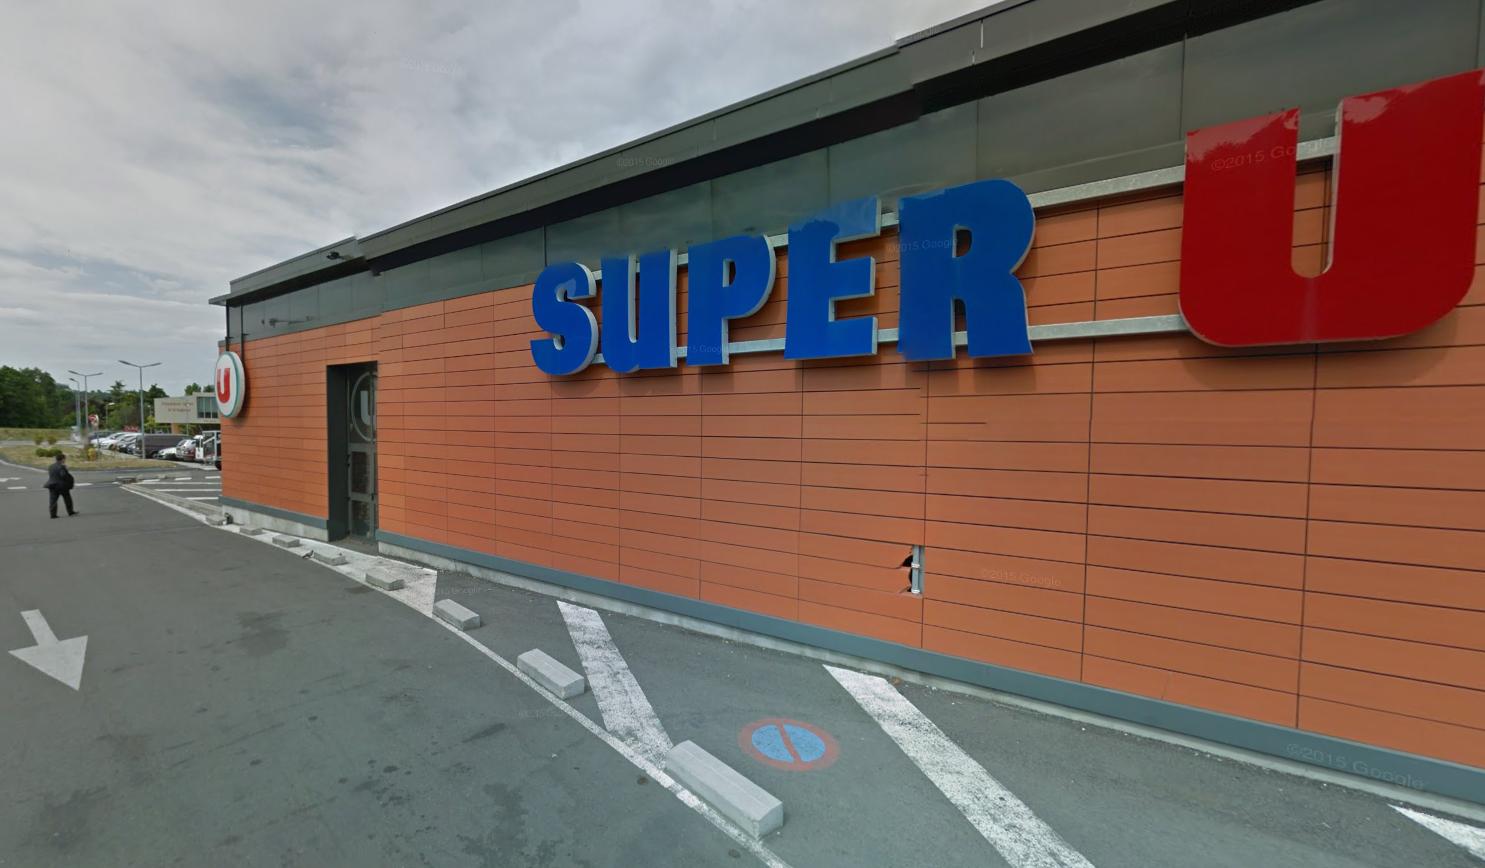 Le tireur s'en est pris sans raison à une caissière du magasin Super U et à un homme de 70 ans (Illustration)